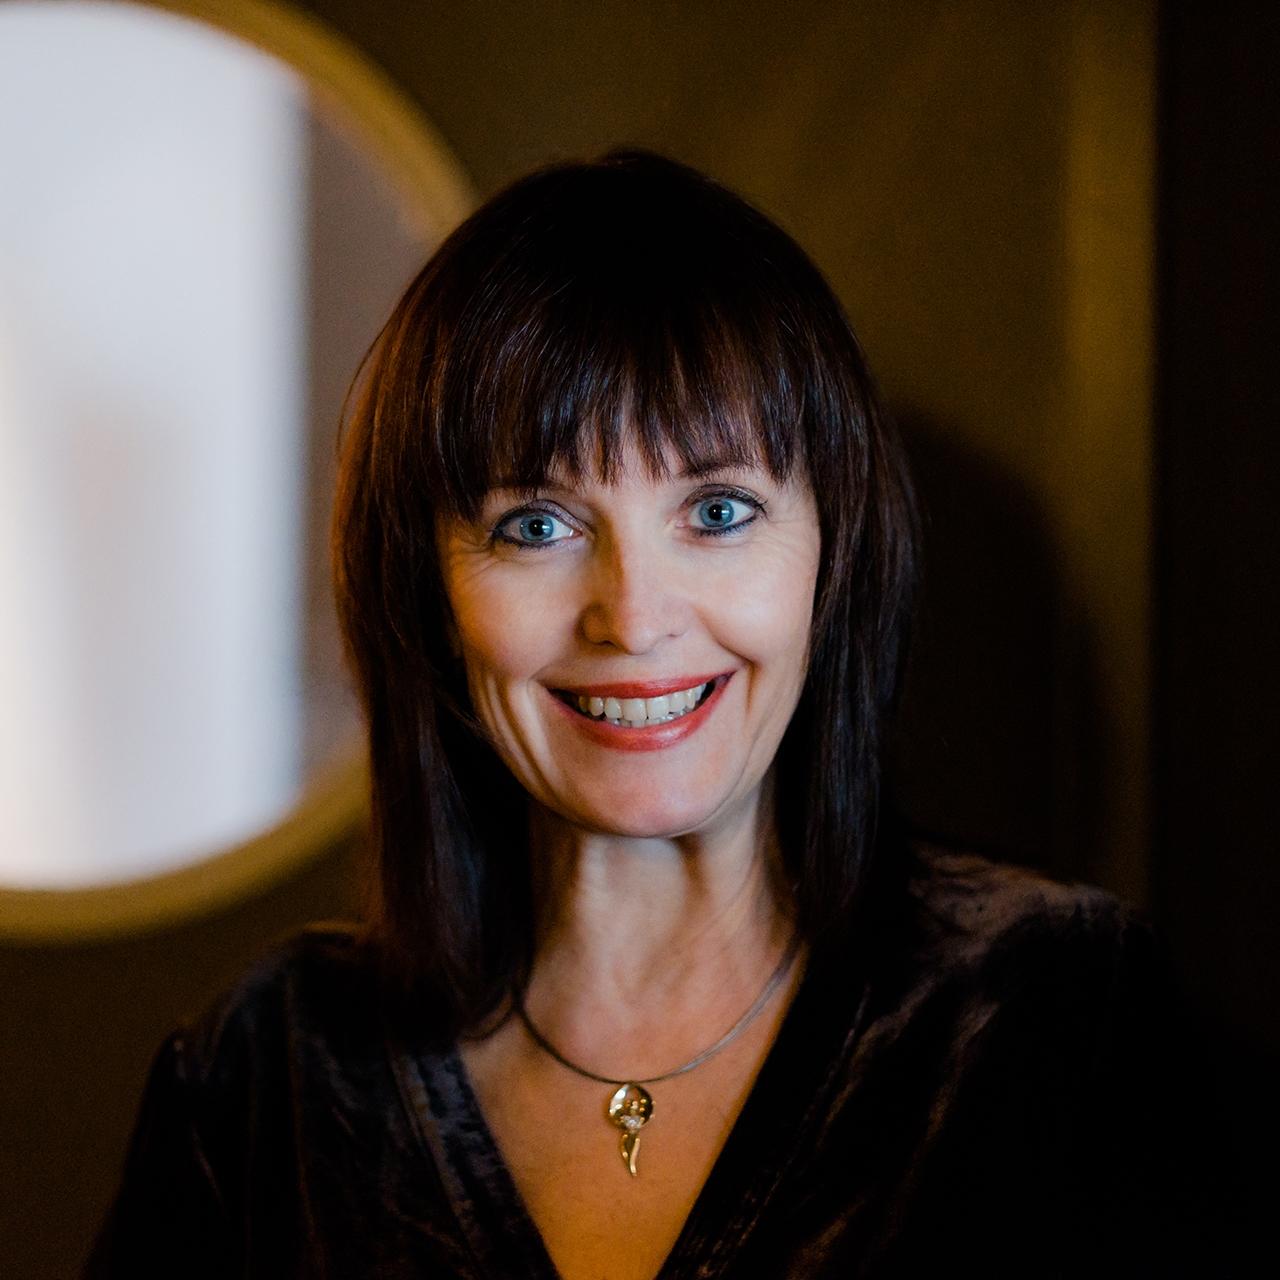 """Daniela Hutter - München""""Mindful Blogging bedeutet für mich, seinen authentischen Platz in der internetten Welt einzunehmen. Dazu eine innere Ausrichtung zu wählen, die dem individuellen Selbst entspricht und dann auf die ganz persönliche Art (engl. Kunst) und Weise, den Weg der Kommunikatin zu wählen.""""Daniela Hutter"""